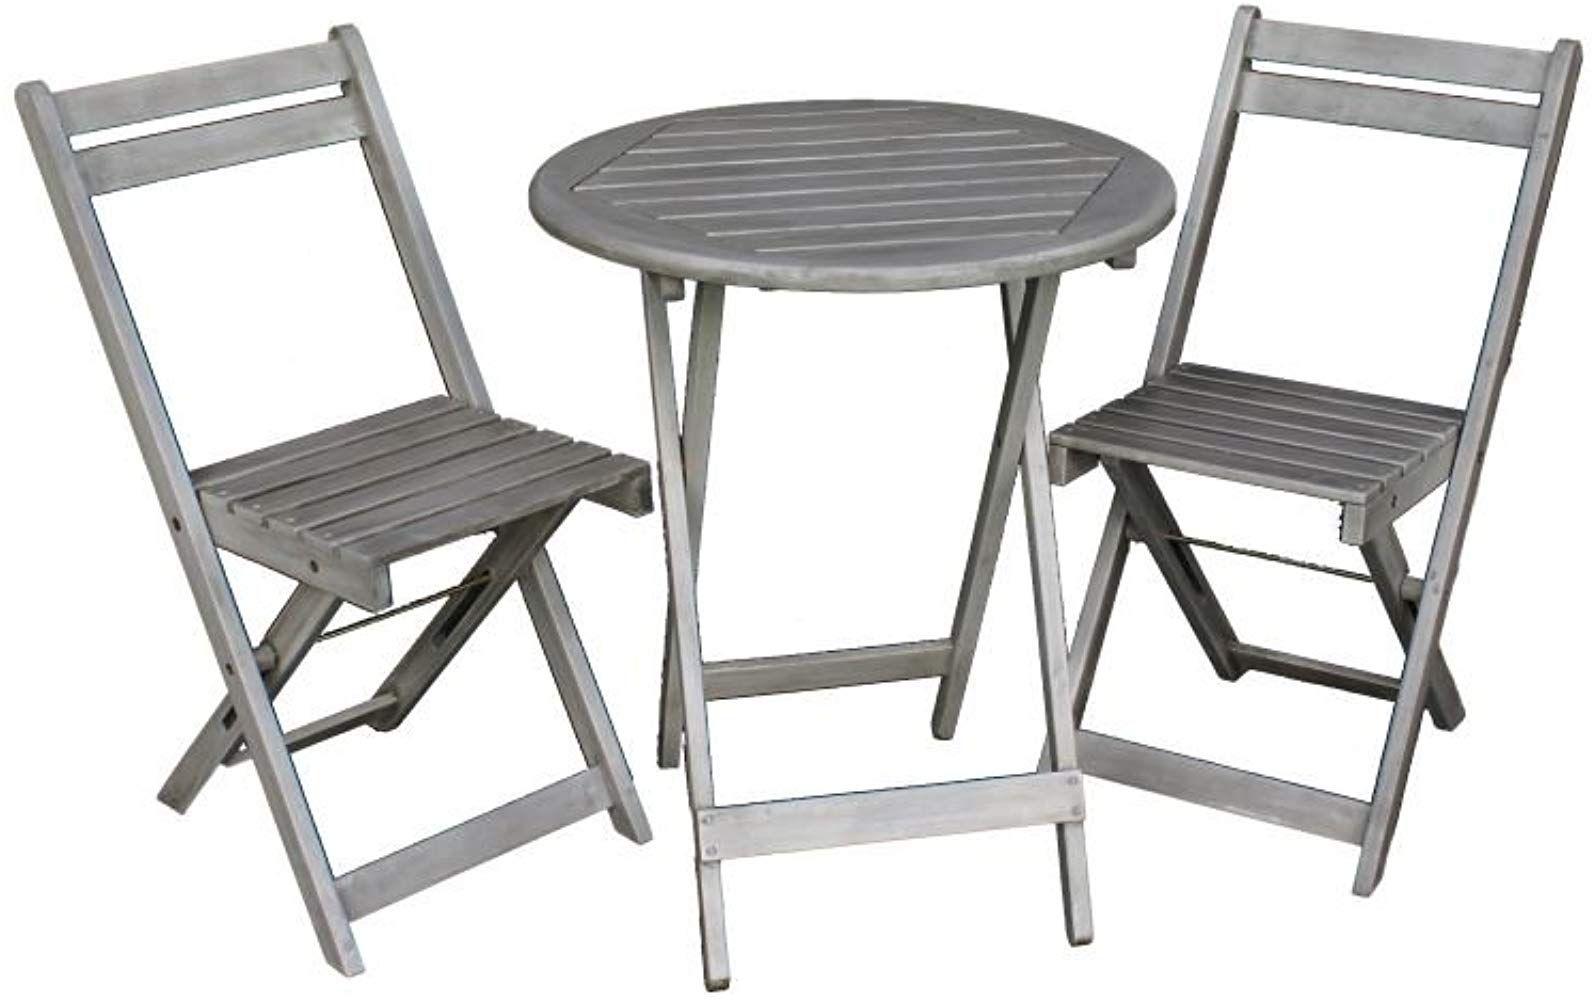 Bistrotisch Mit Stühlen Outdoor.Balkon Möbel Set Bistrotisch Mit 2 Stühlen Balkonmöbel